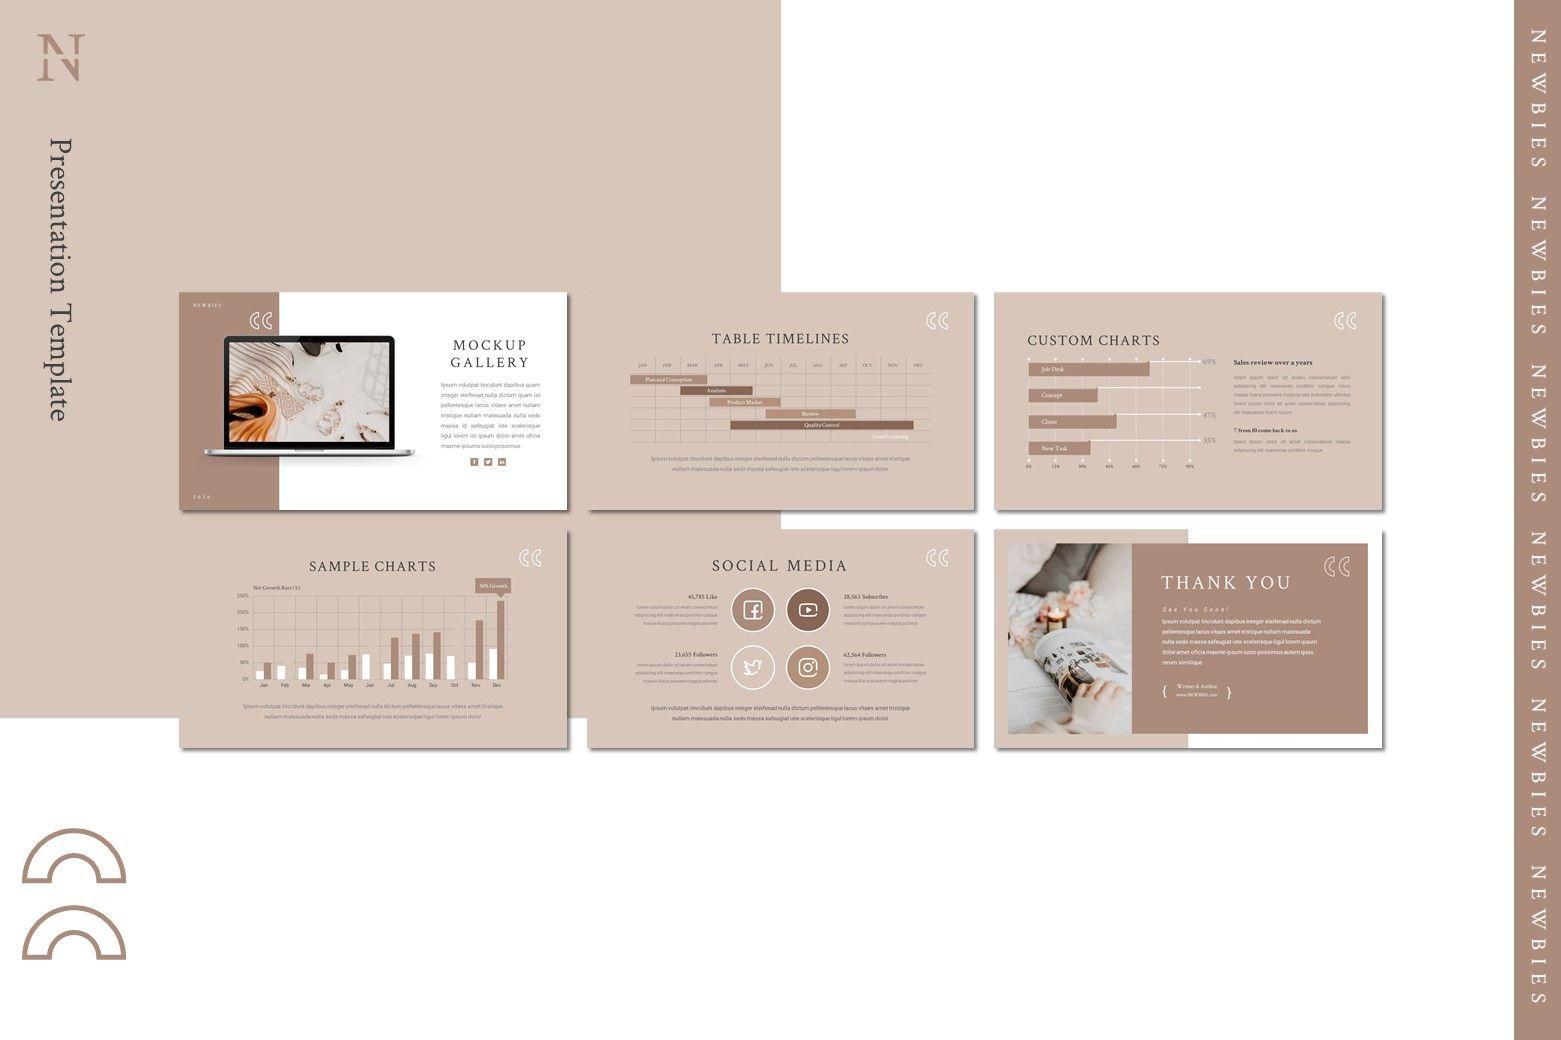 Newbies - Powerpoint Template, Slide 4, 07989, Presentation Templates — PoweredTemplate.com